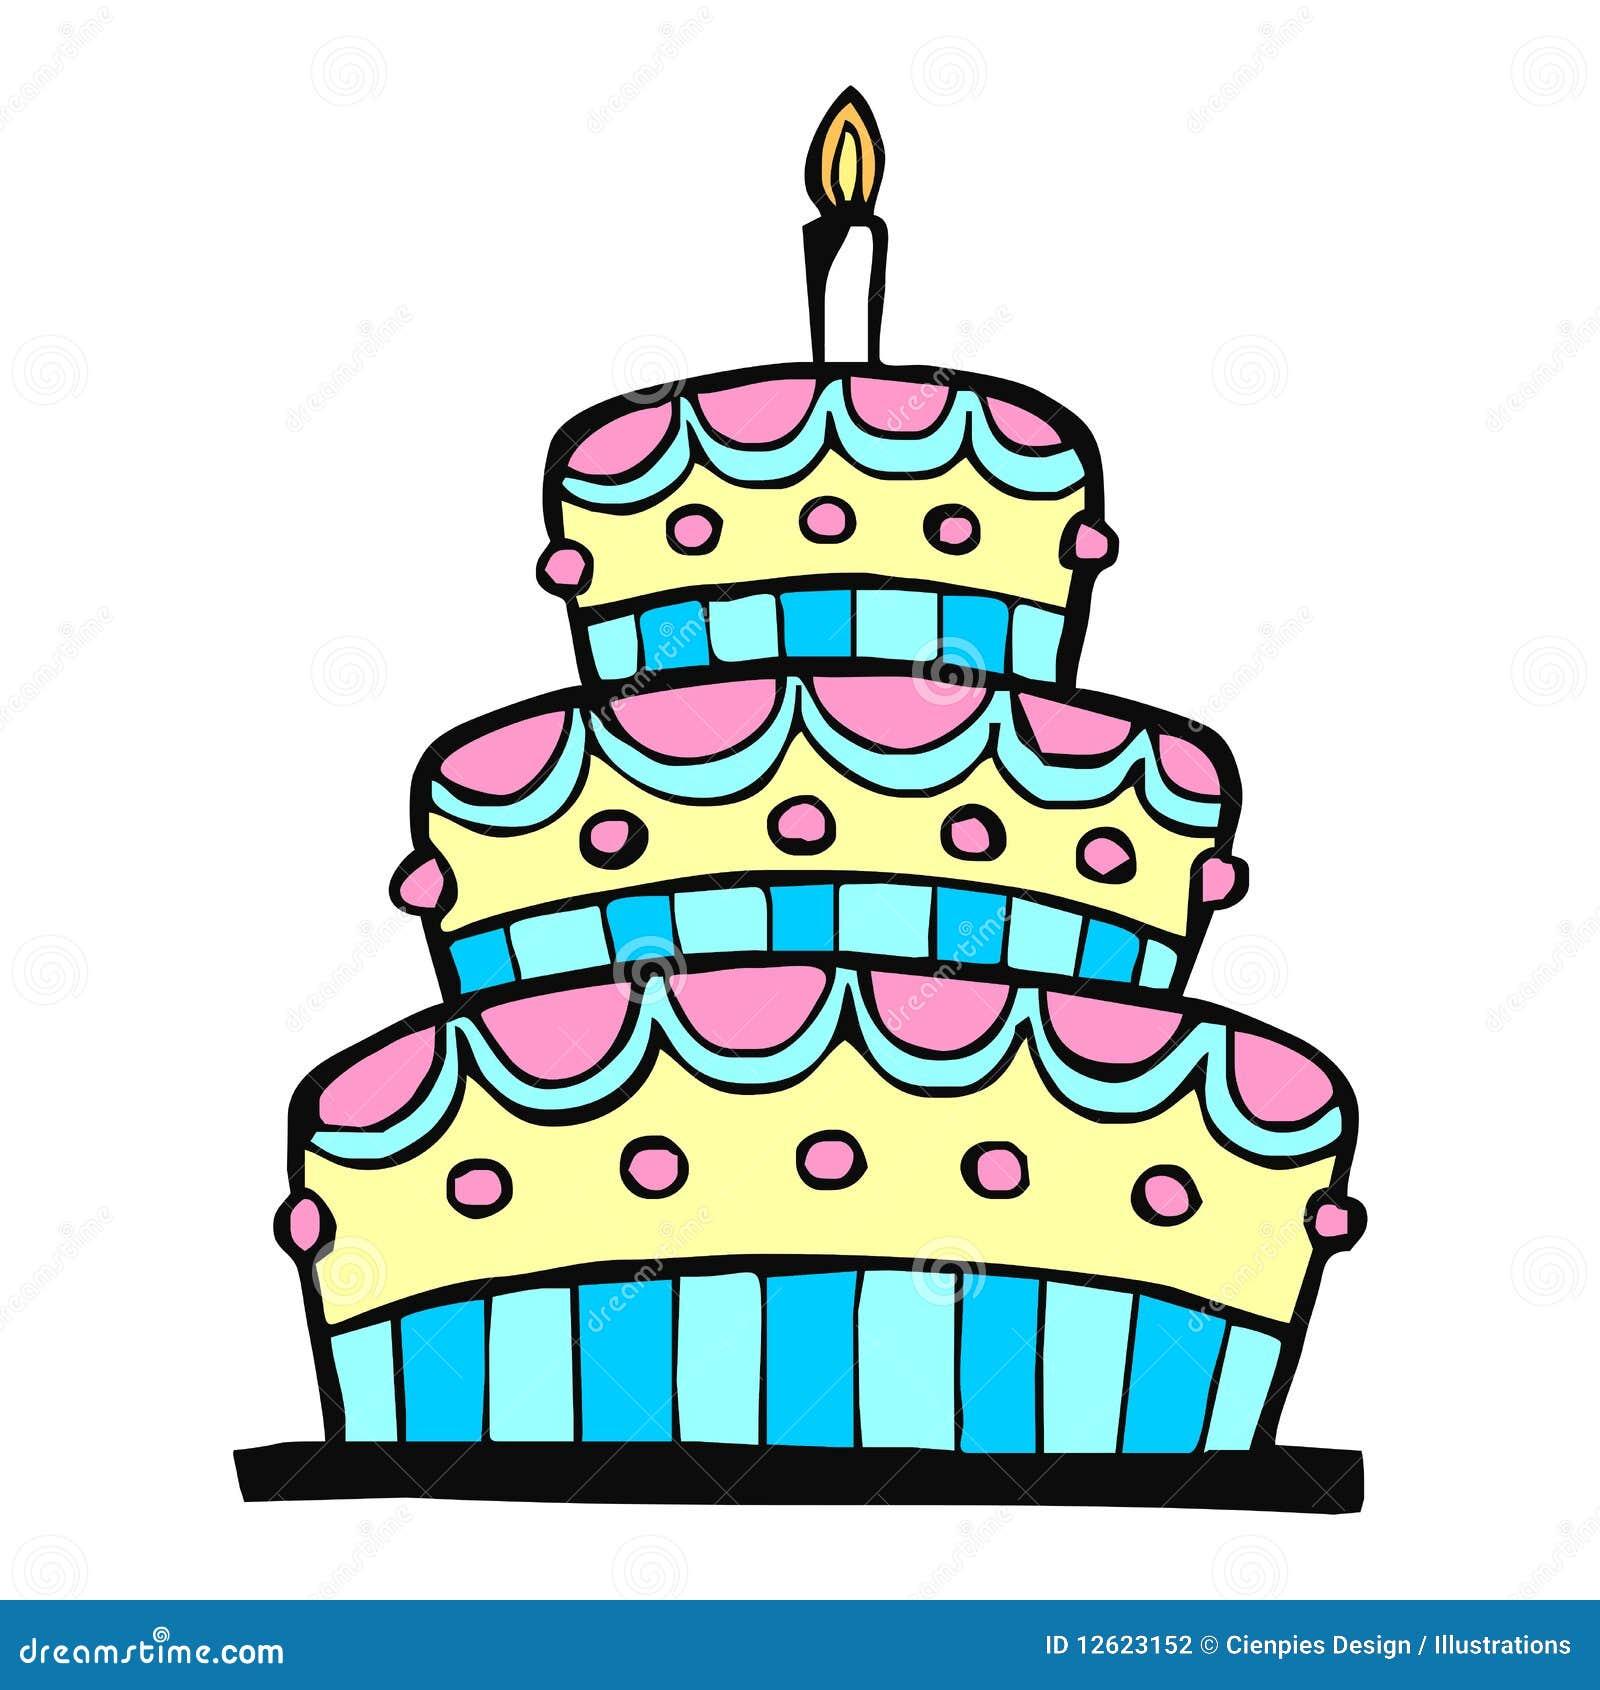 Birthday Cake Sketch Illustration